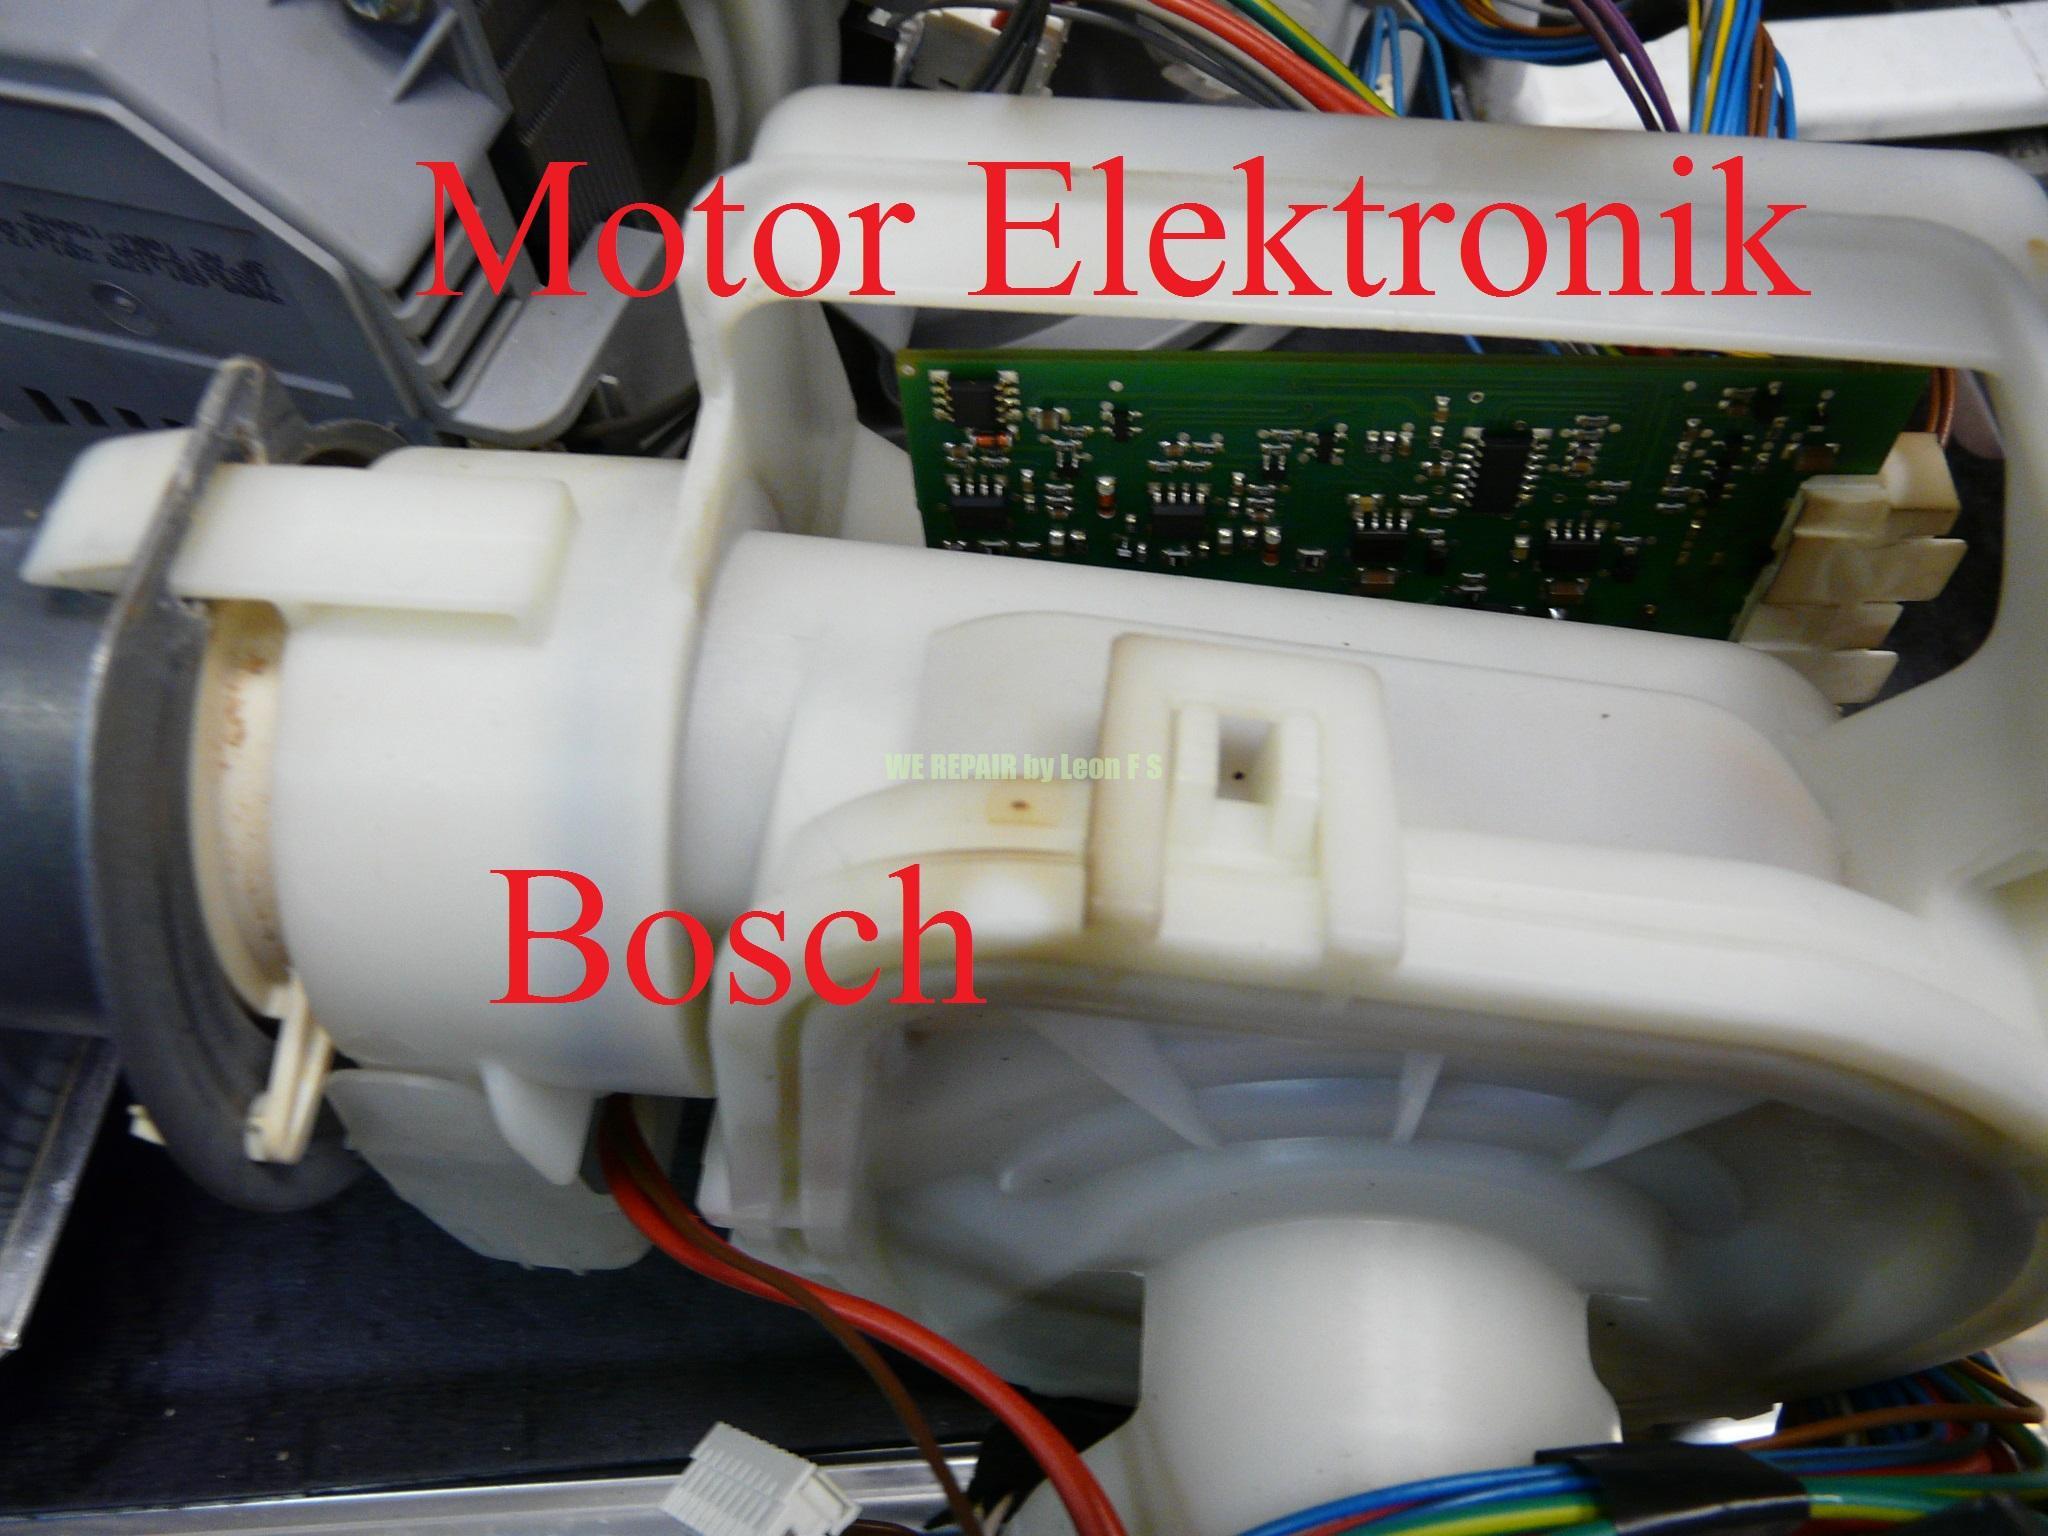 Siemens Geschirrspuler Fehler Heizung Fehlercode Bei Siemens Bosch